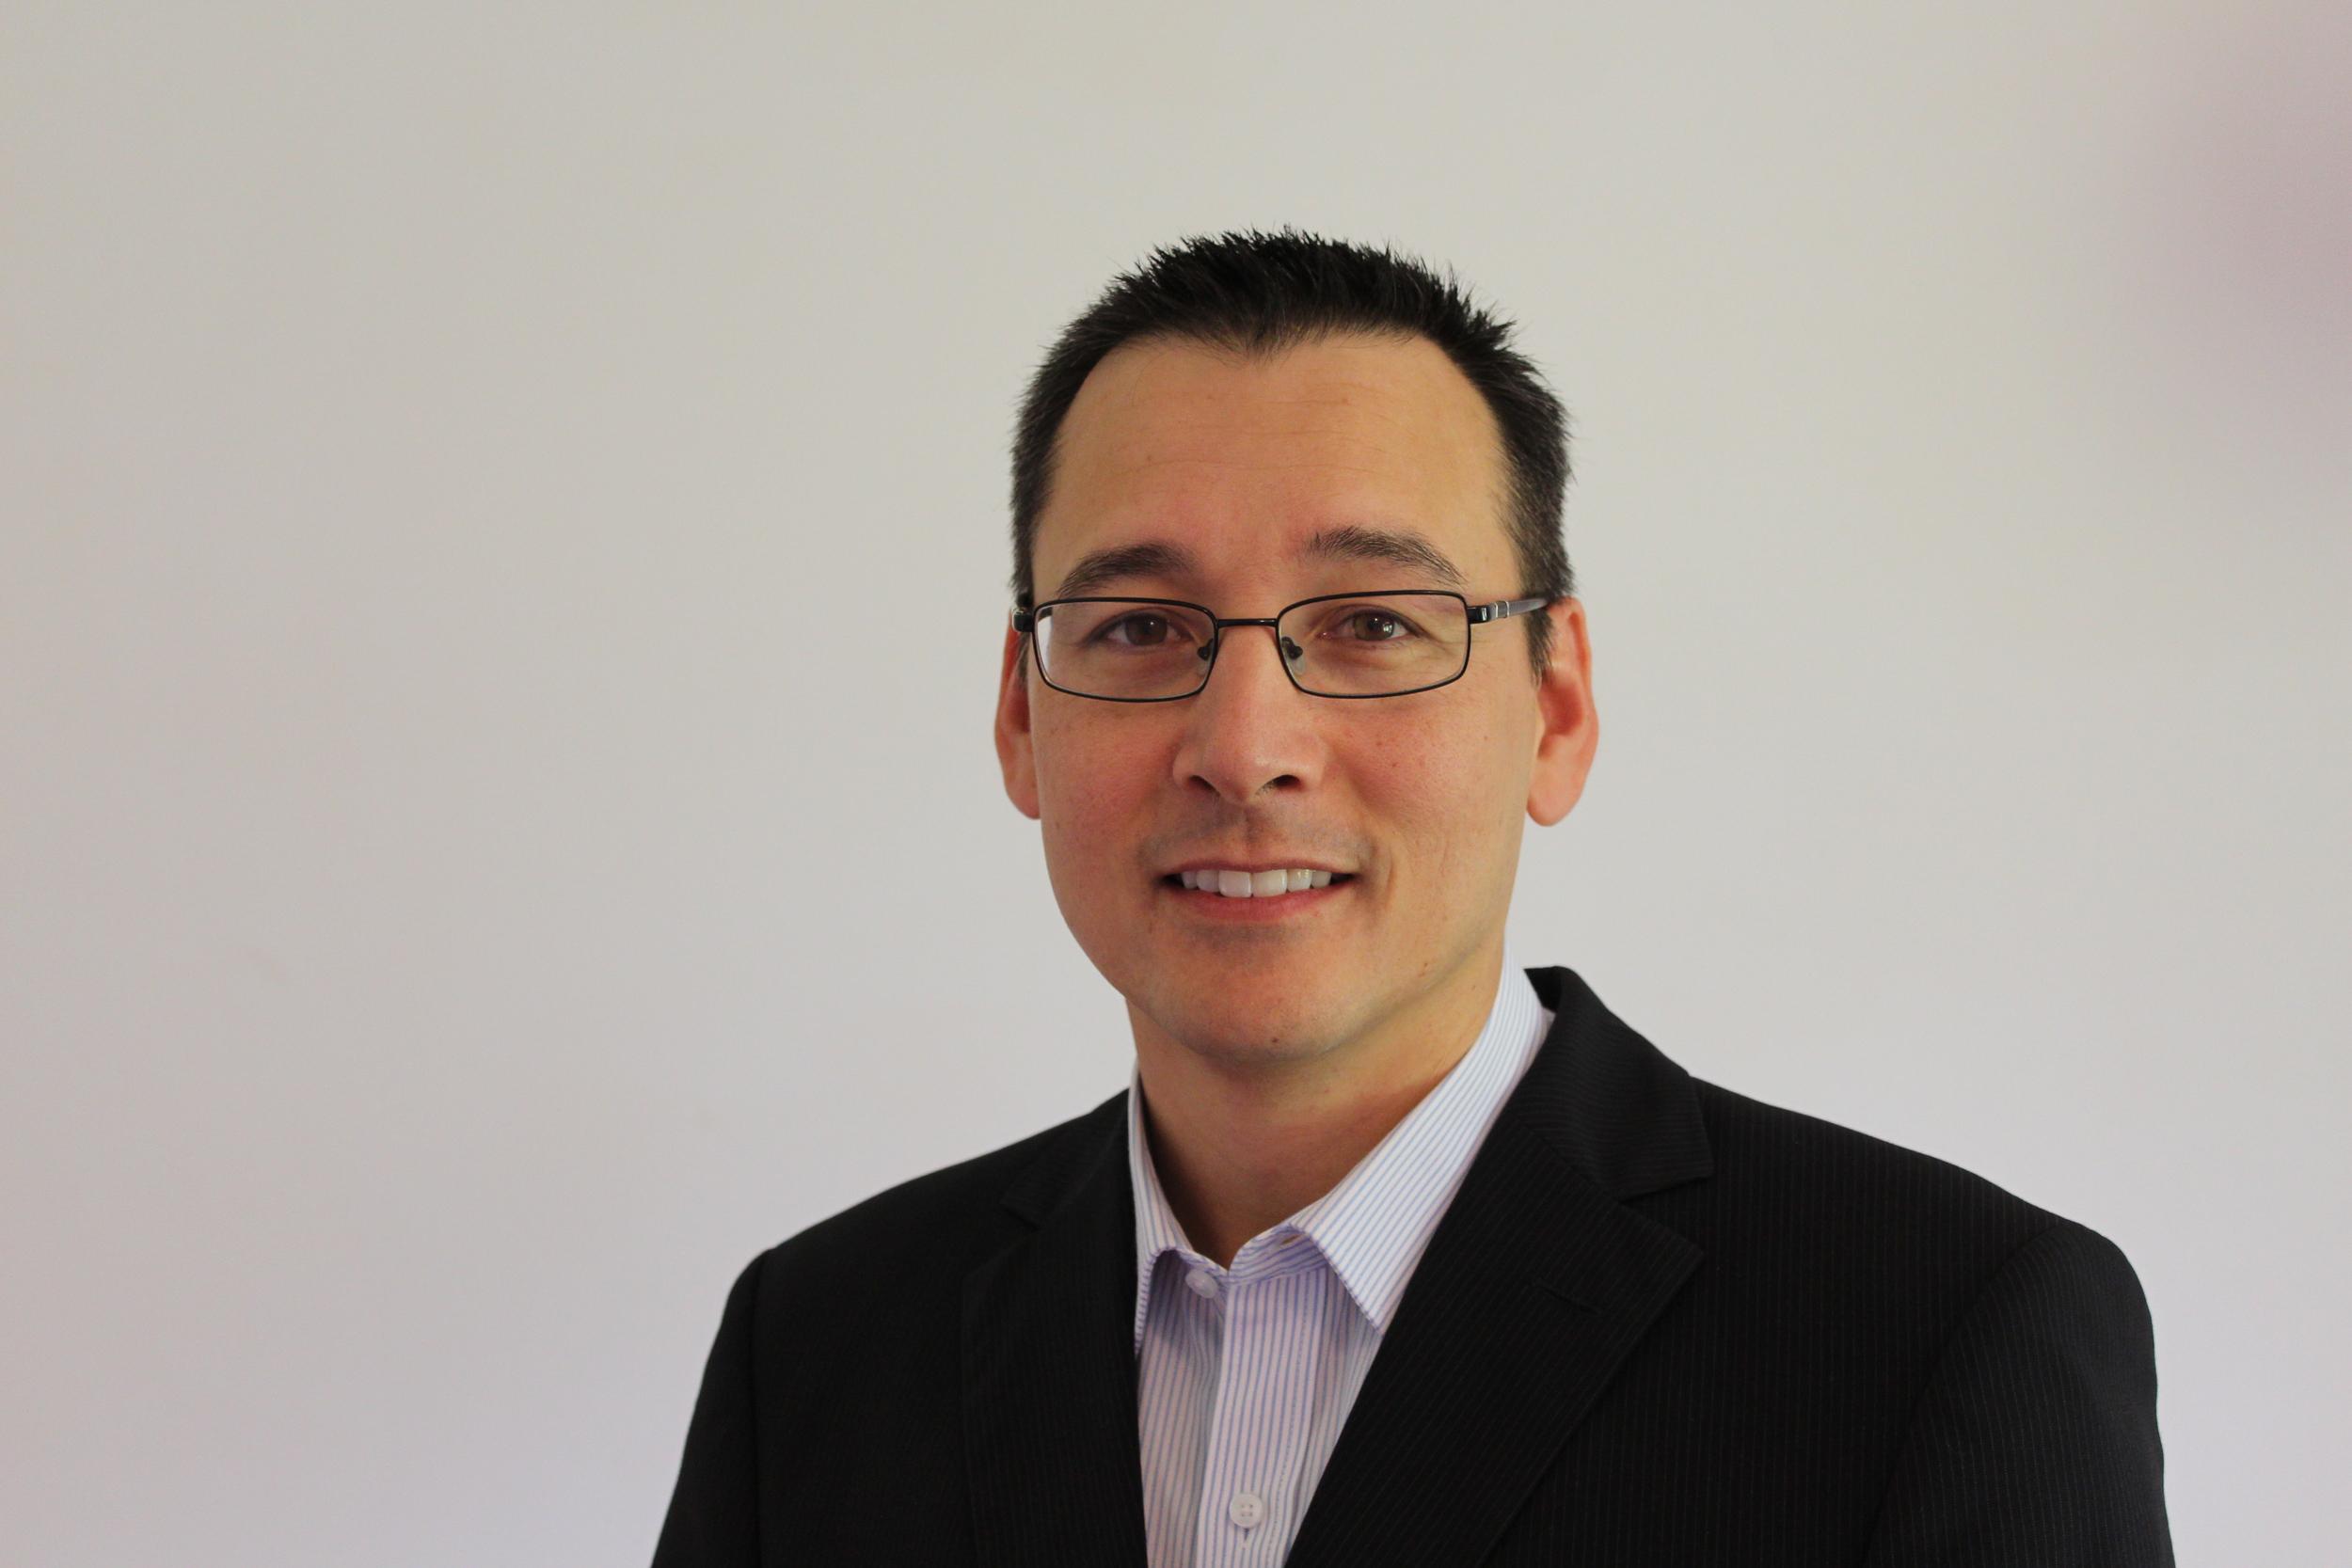 DR WYSUN WONG